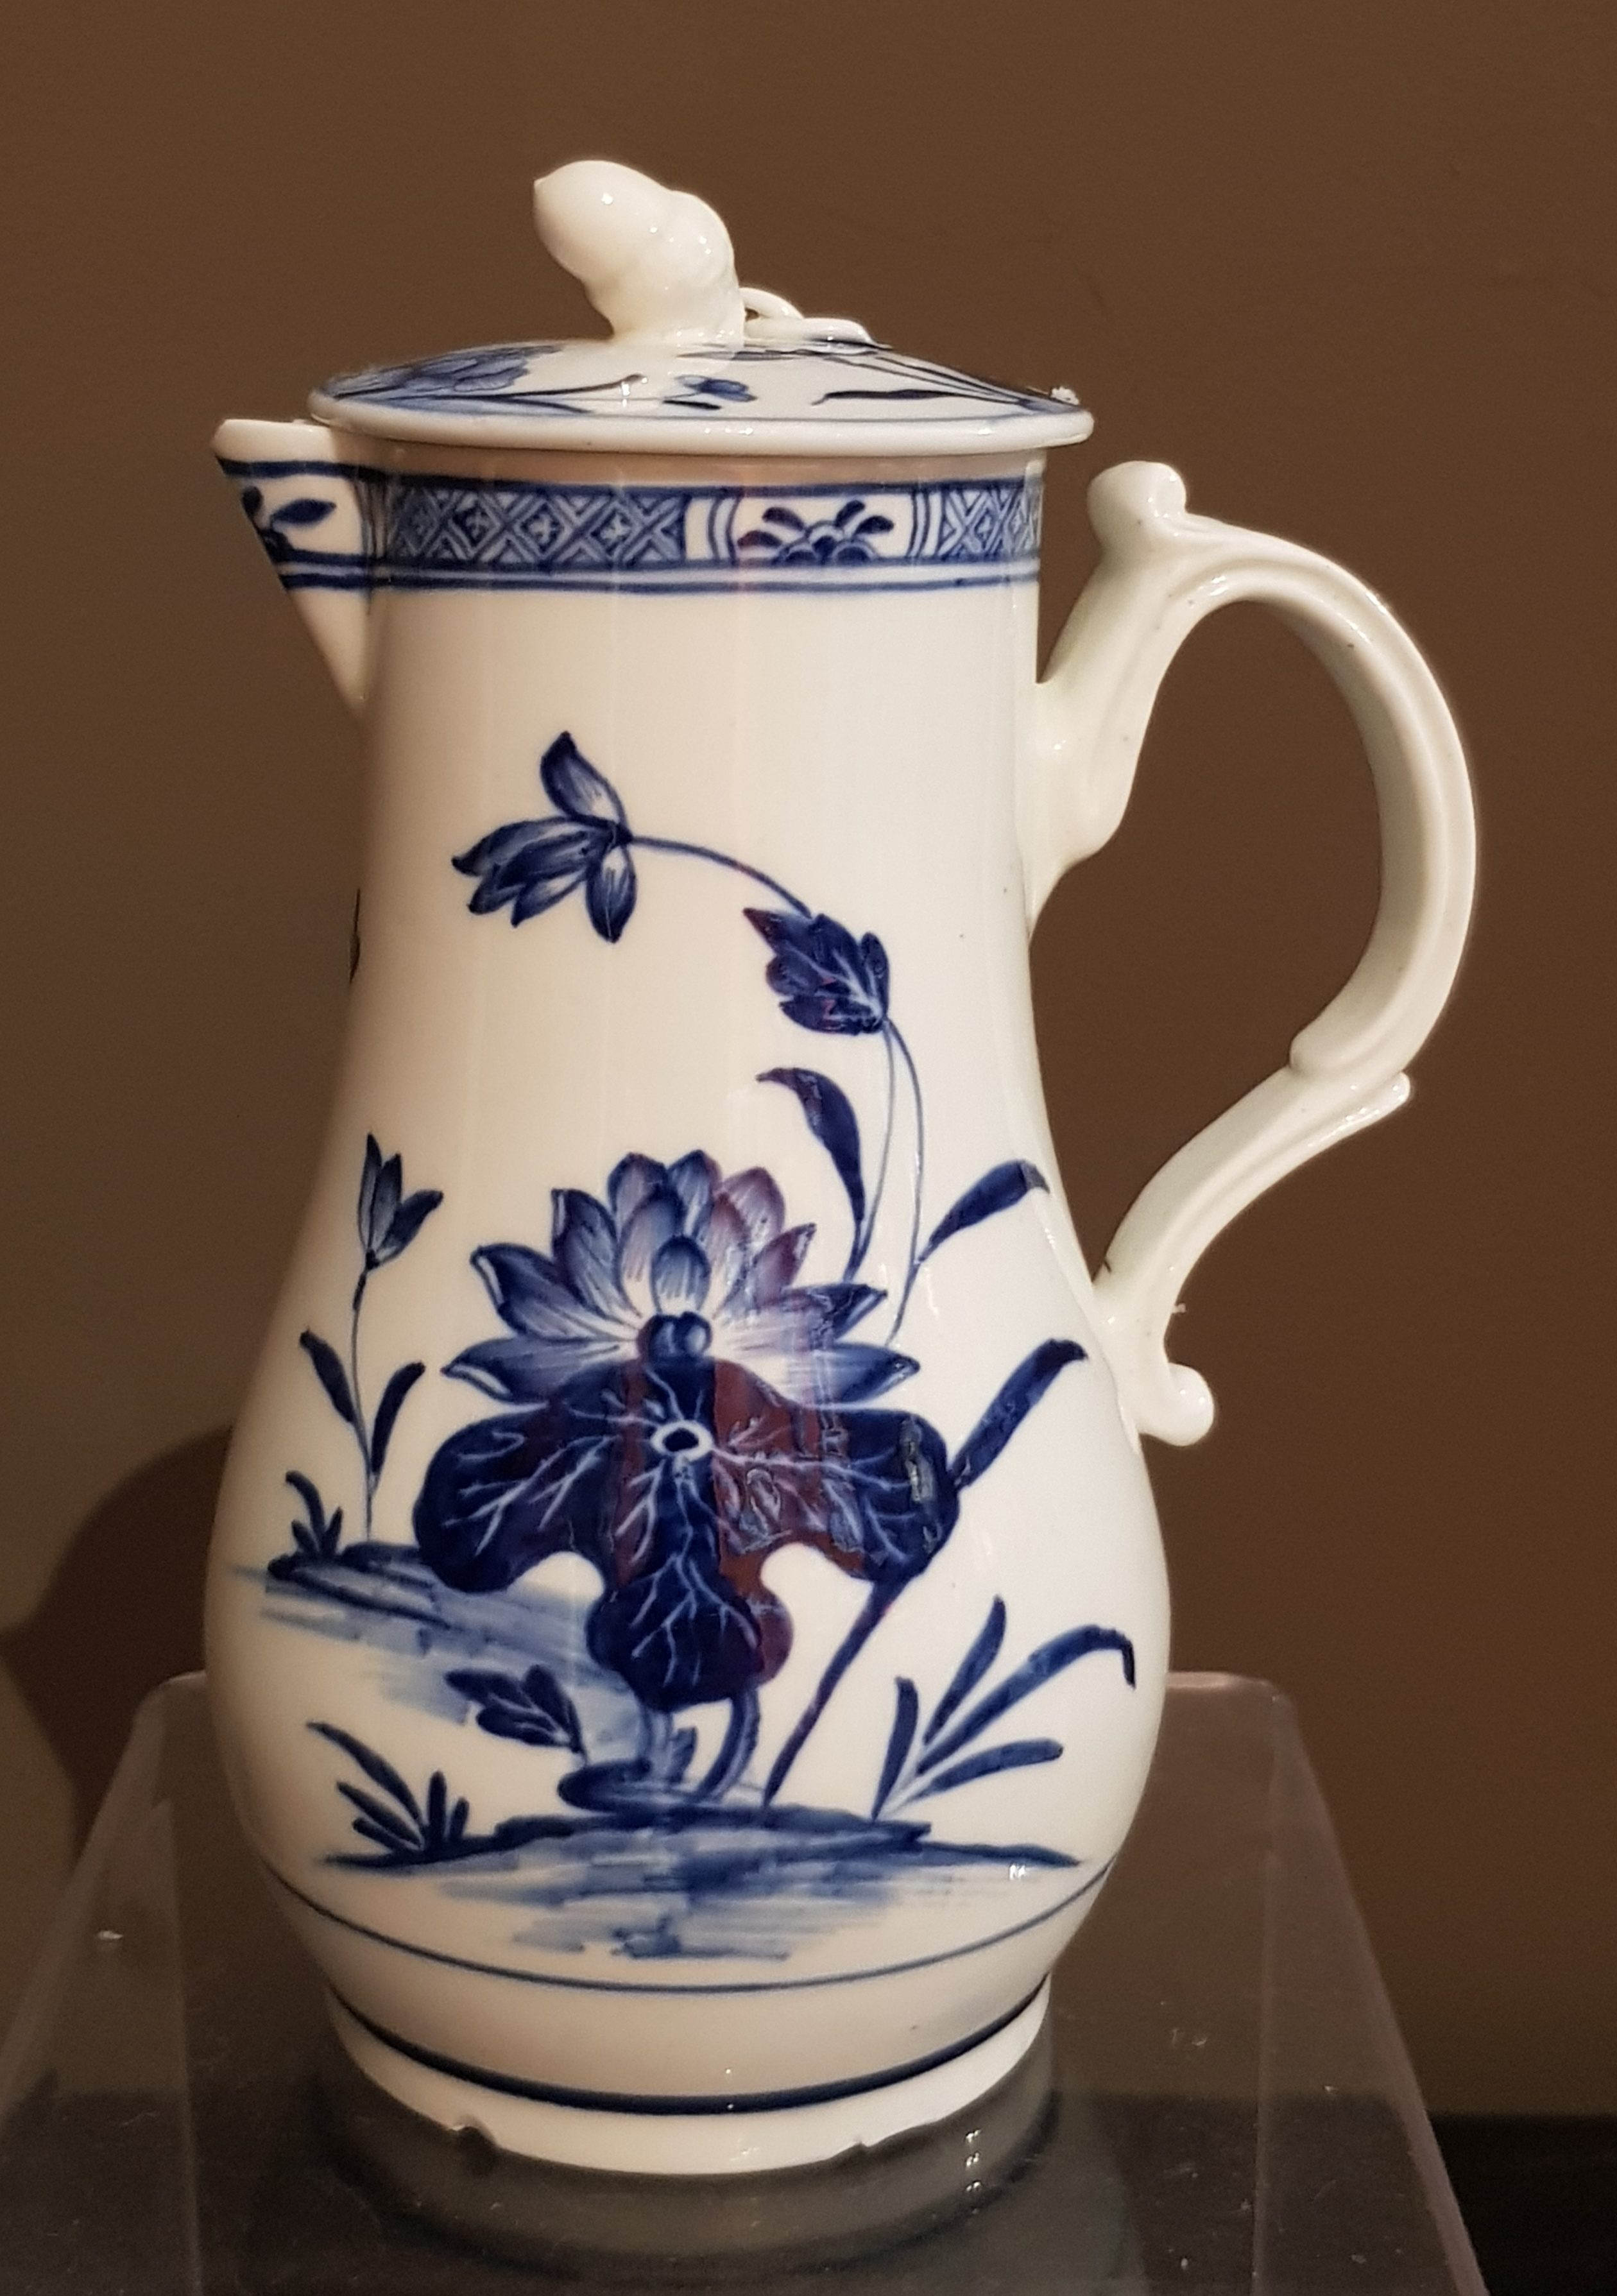 Chocolatière Copie de Chine en Porcelaine de Tournai - VENDU Image